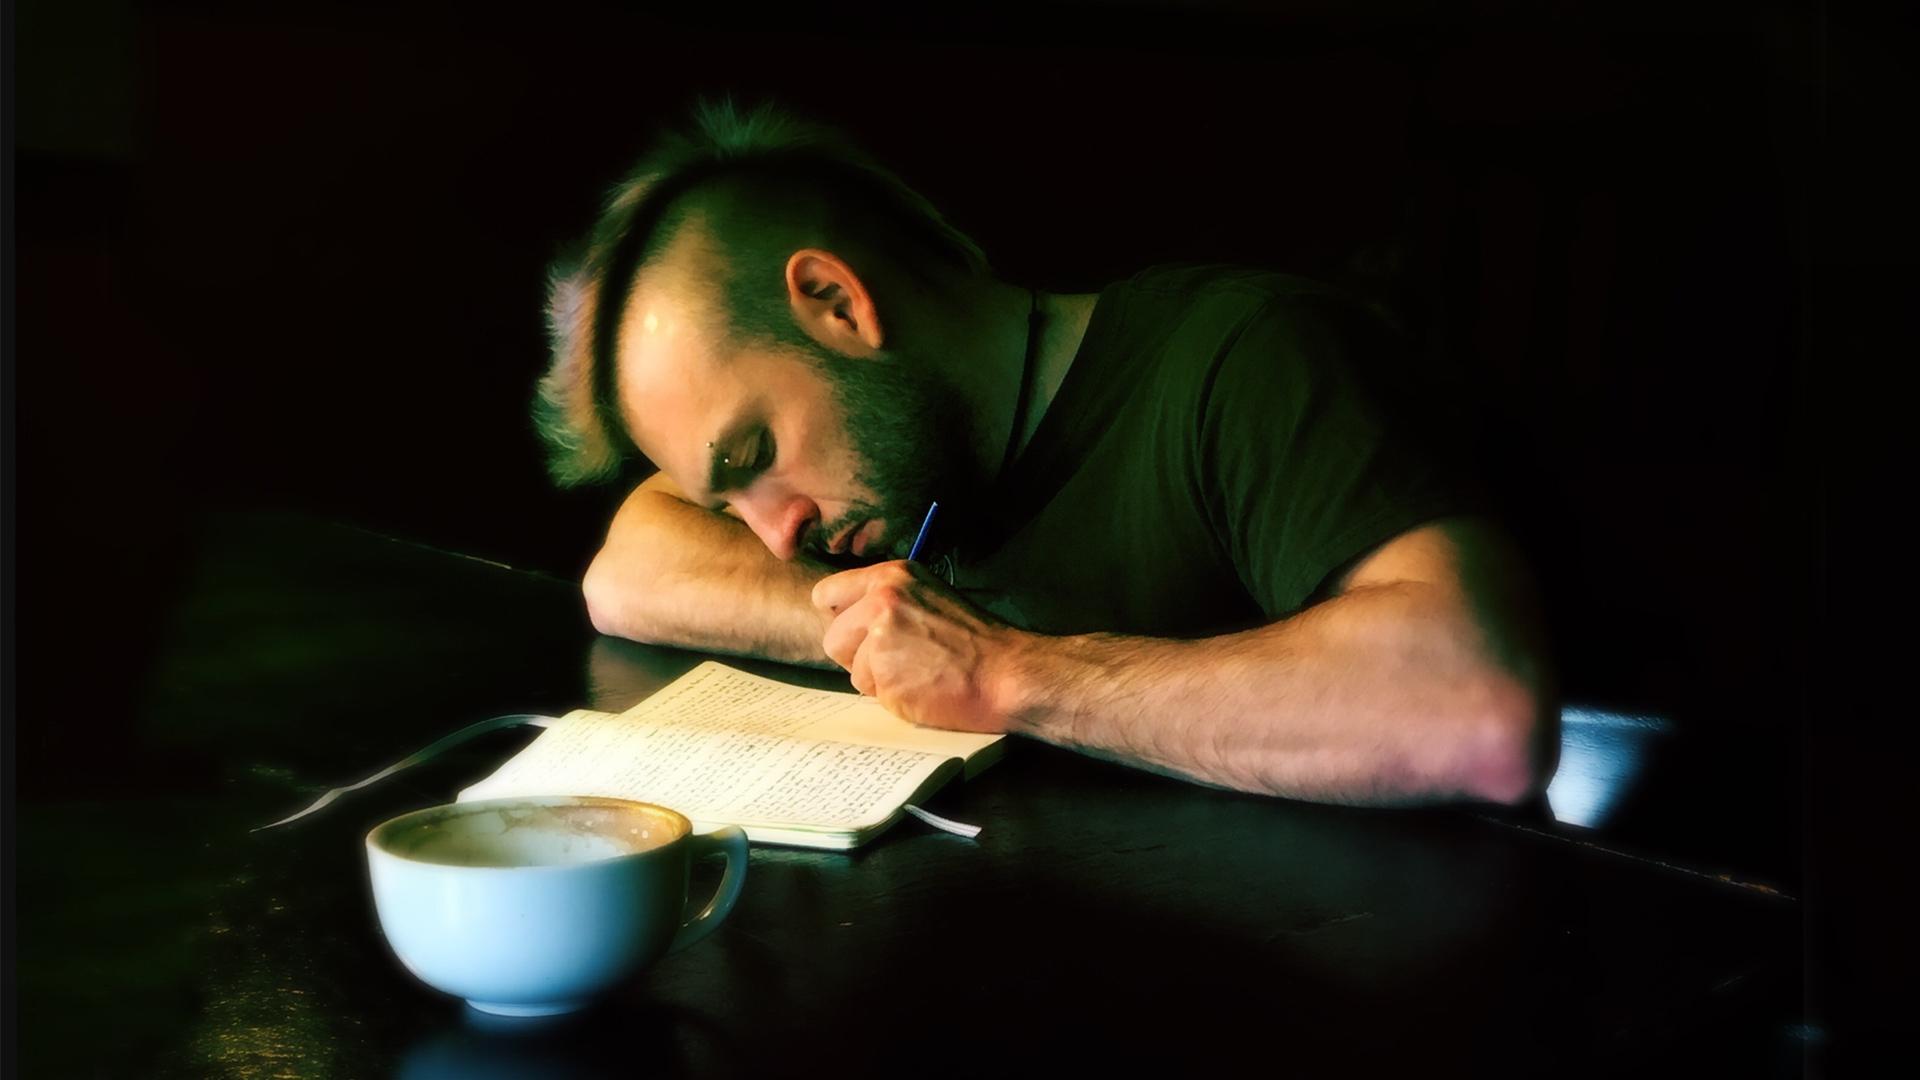 Kirjoittamista. Kuva: flickr / Chris Blakeley